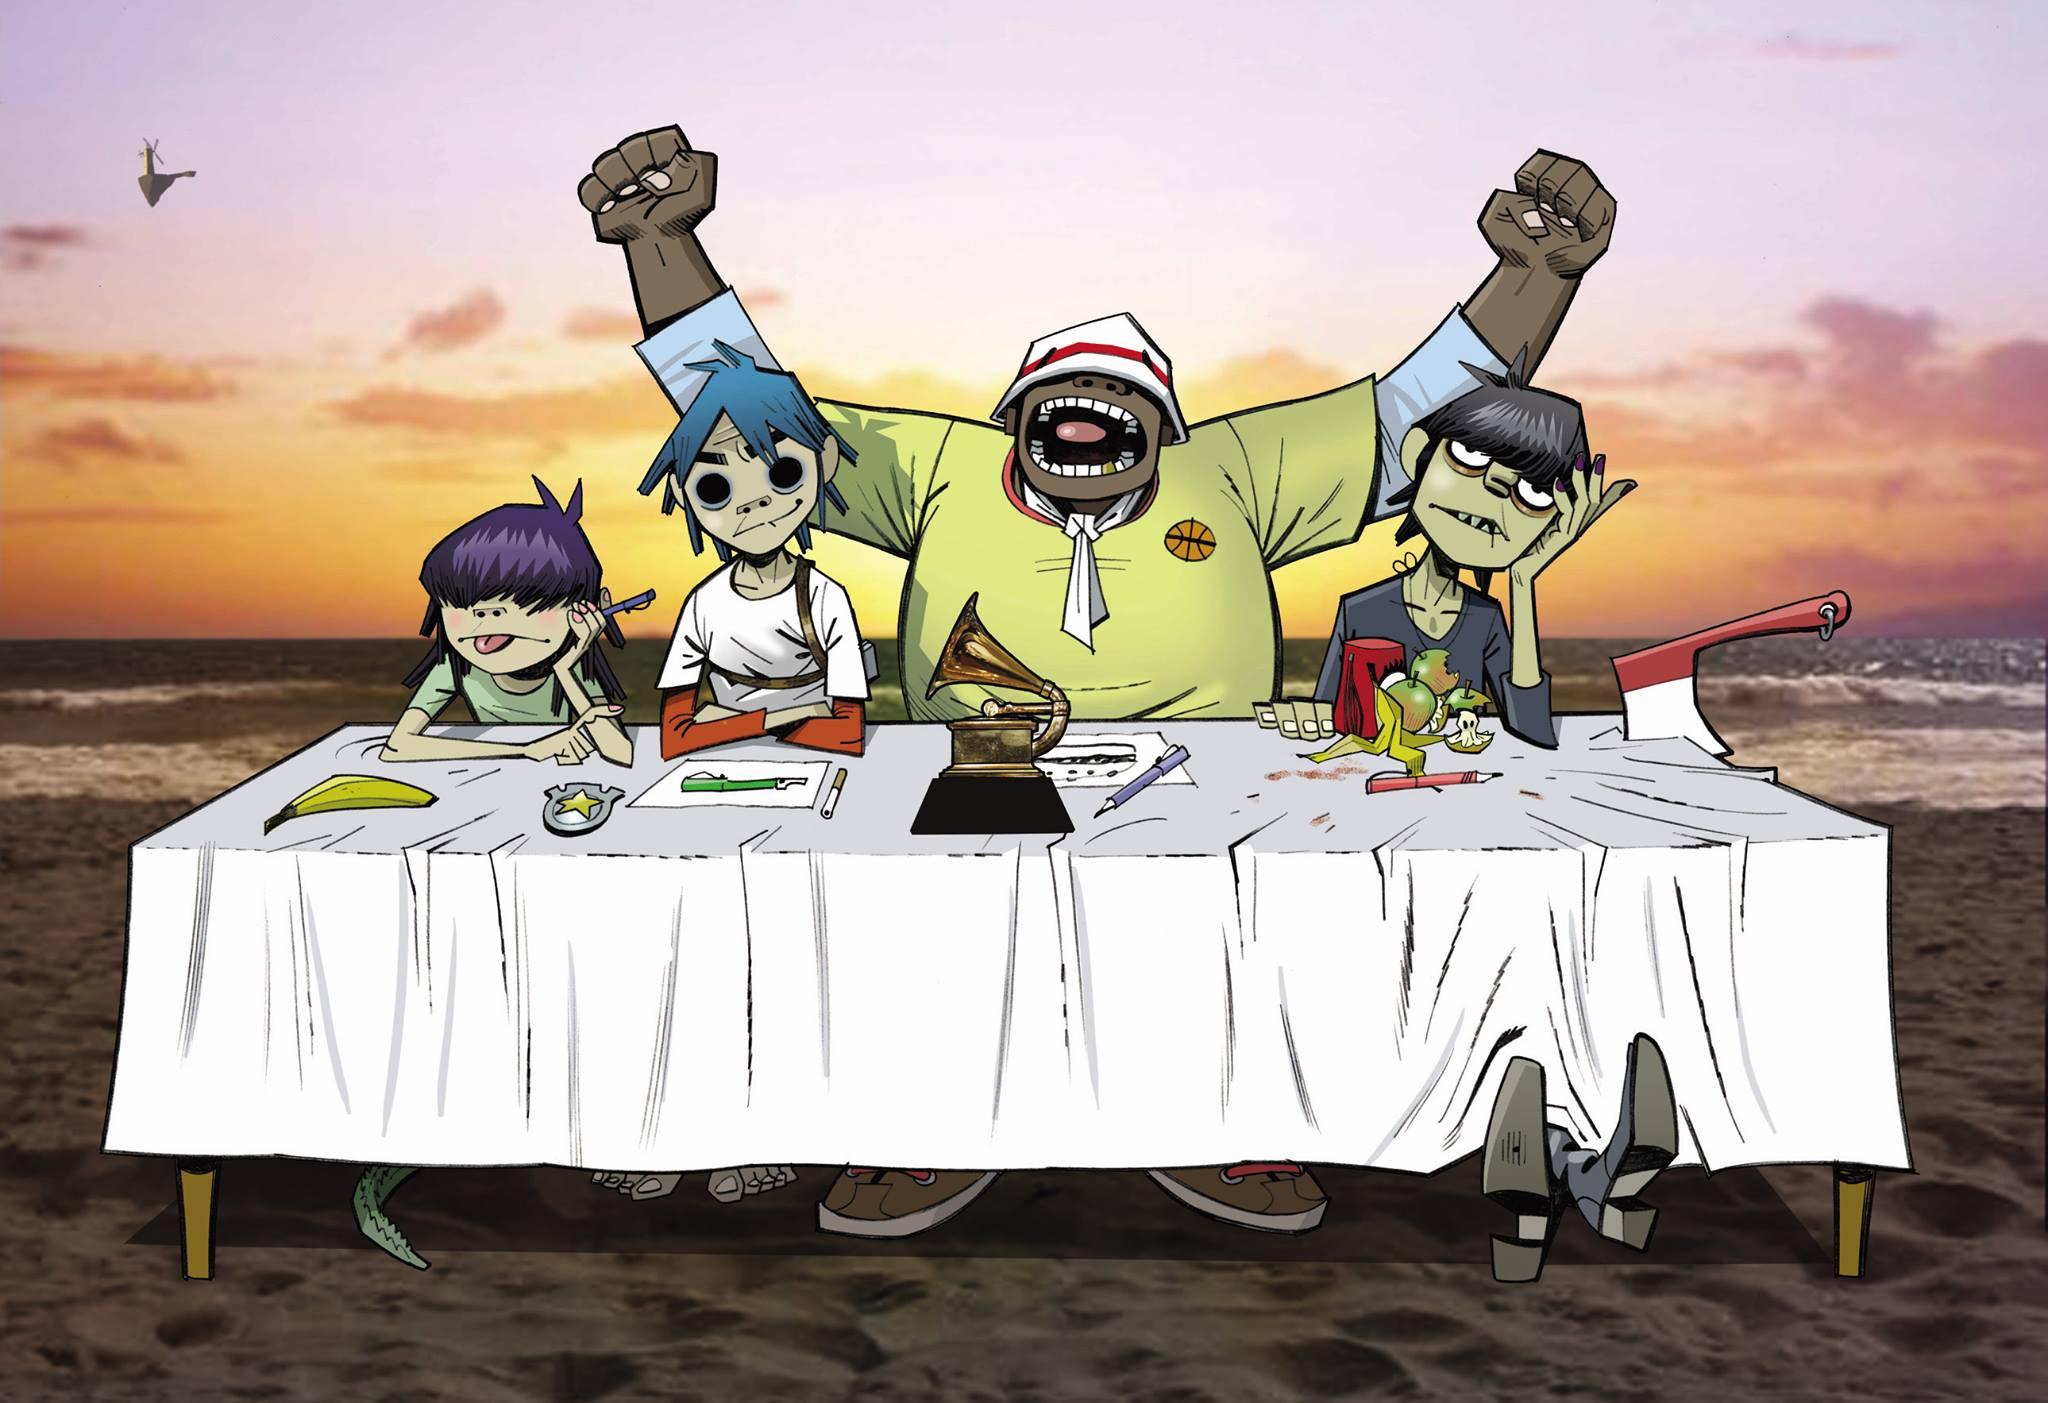 El concepto de Gorillaz, la banda que ha recurrido a la animación